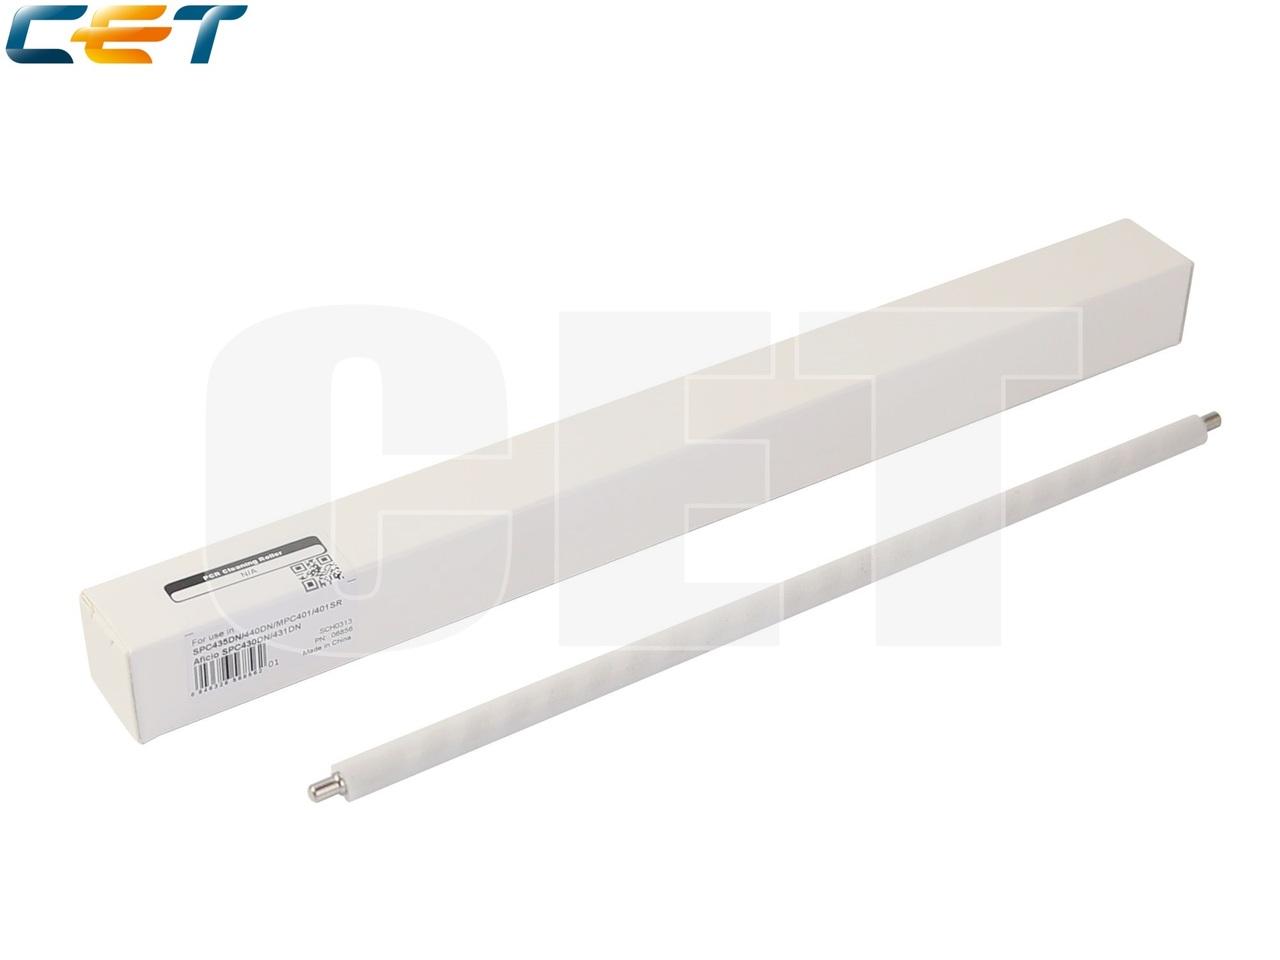 Ролик очистки ролика заряда для RICOHSPC435DN/MPC401/Aficio SPC430DN/MPC300/400 (CET),CET6856